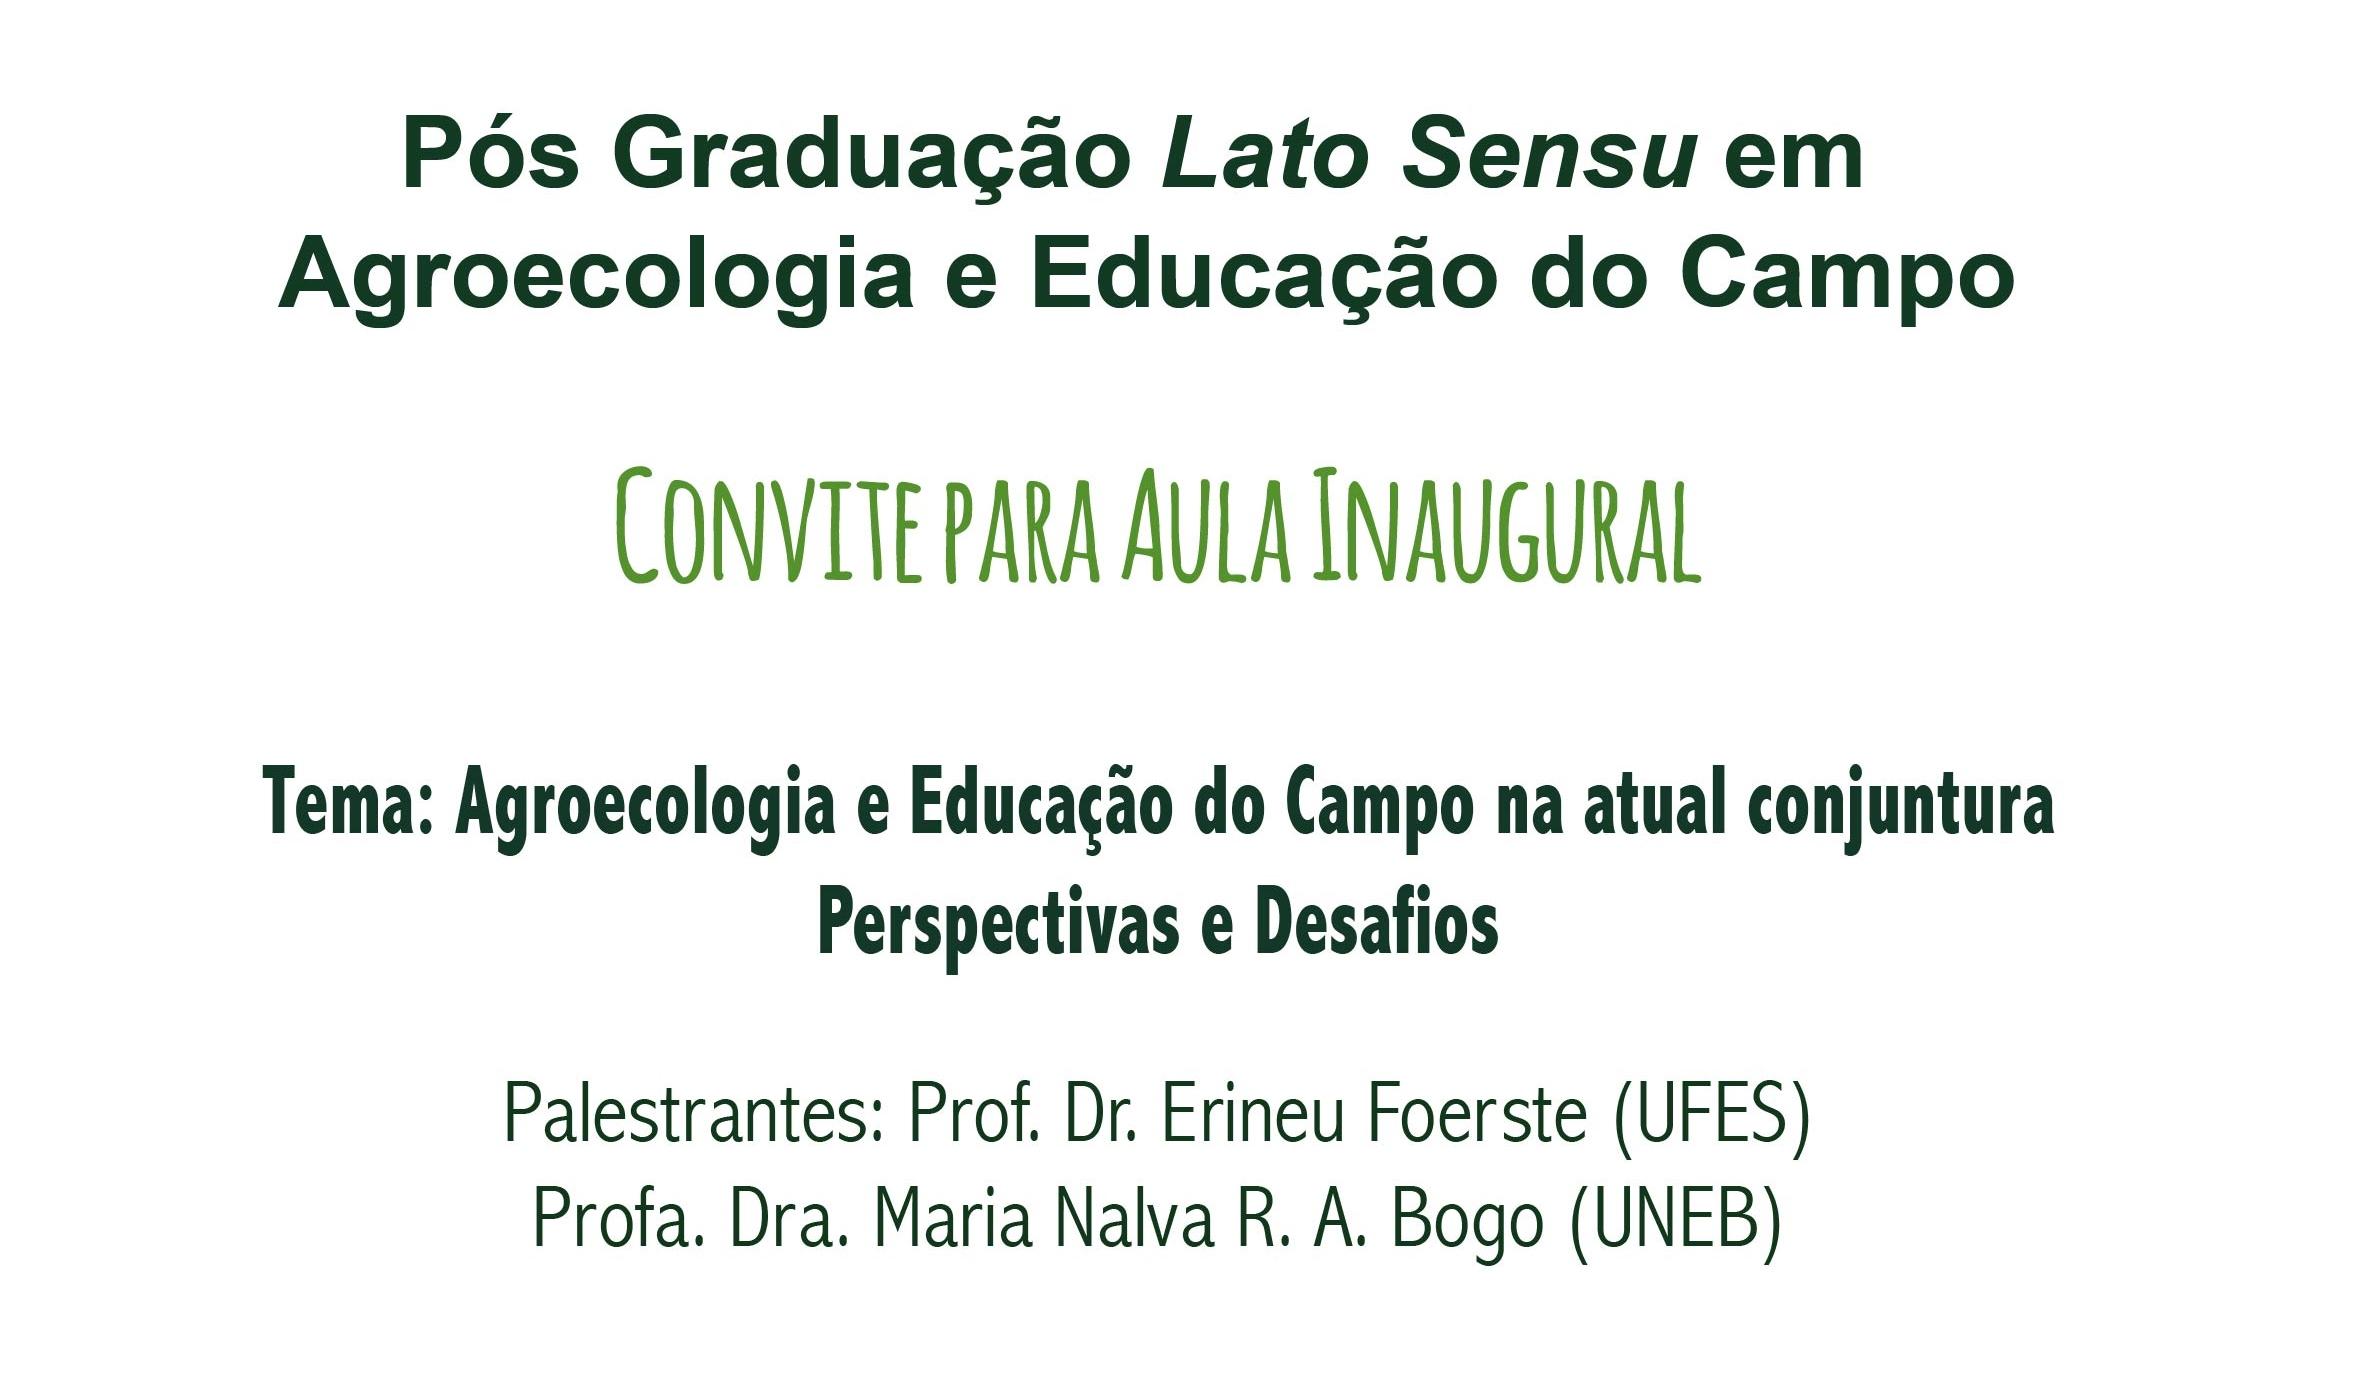 Aula Inaugural: Agroecologia e Educação do Campo na atual conjuntura